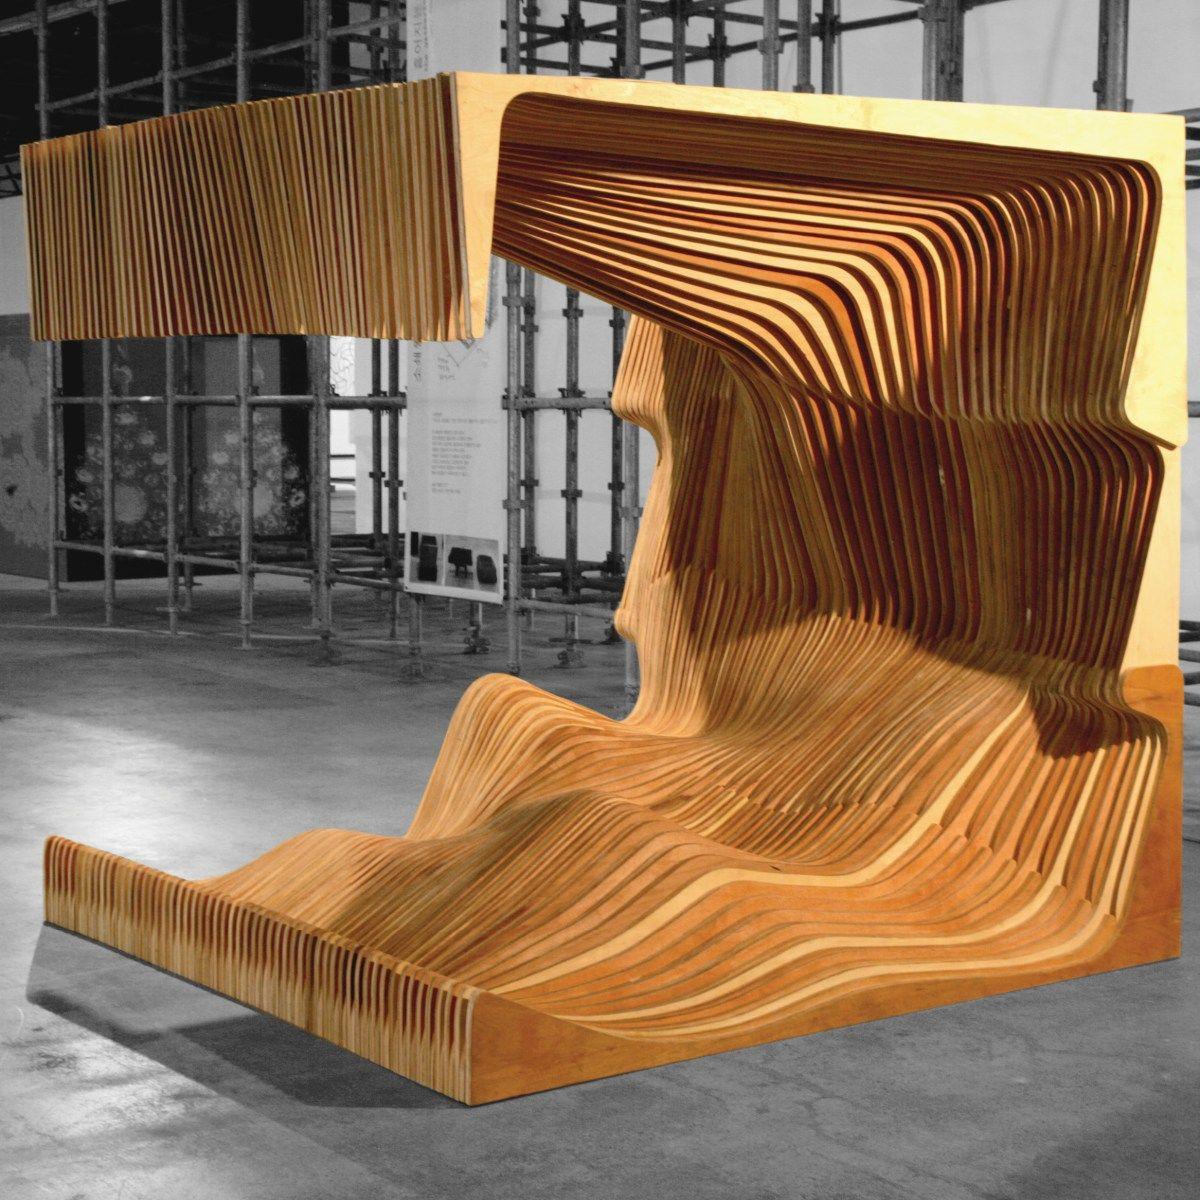 Gwangju Urban Bench Furniture Design Wood Architecture Cnc